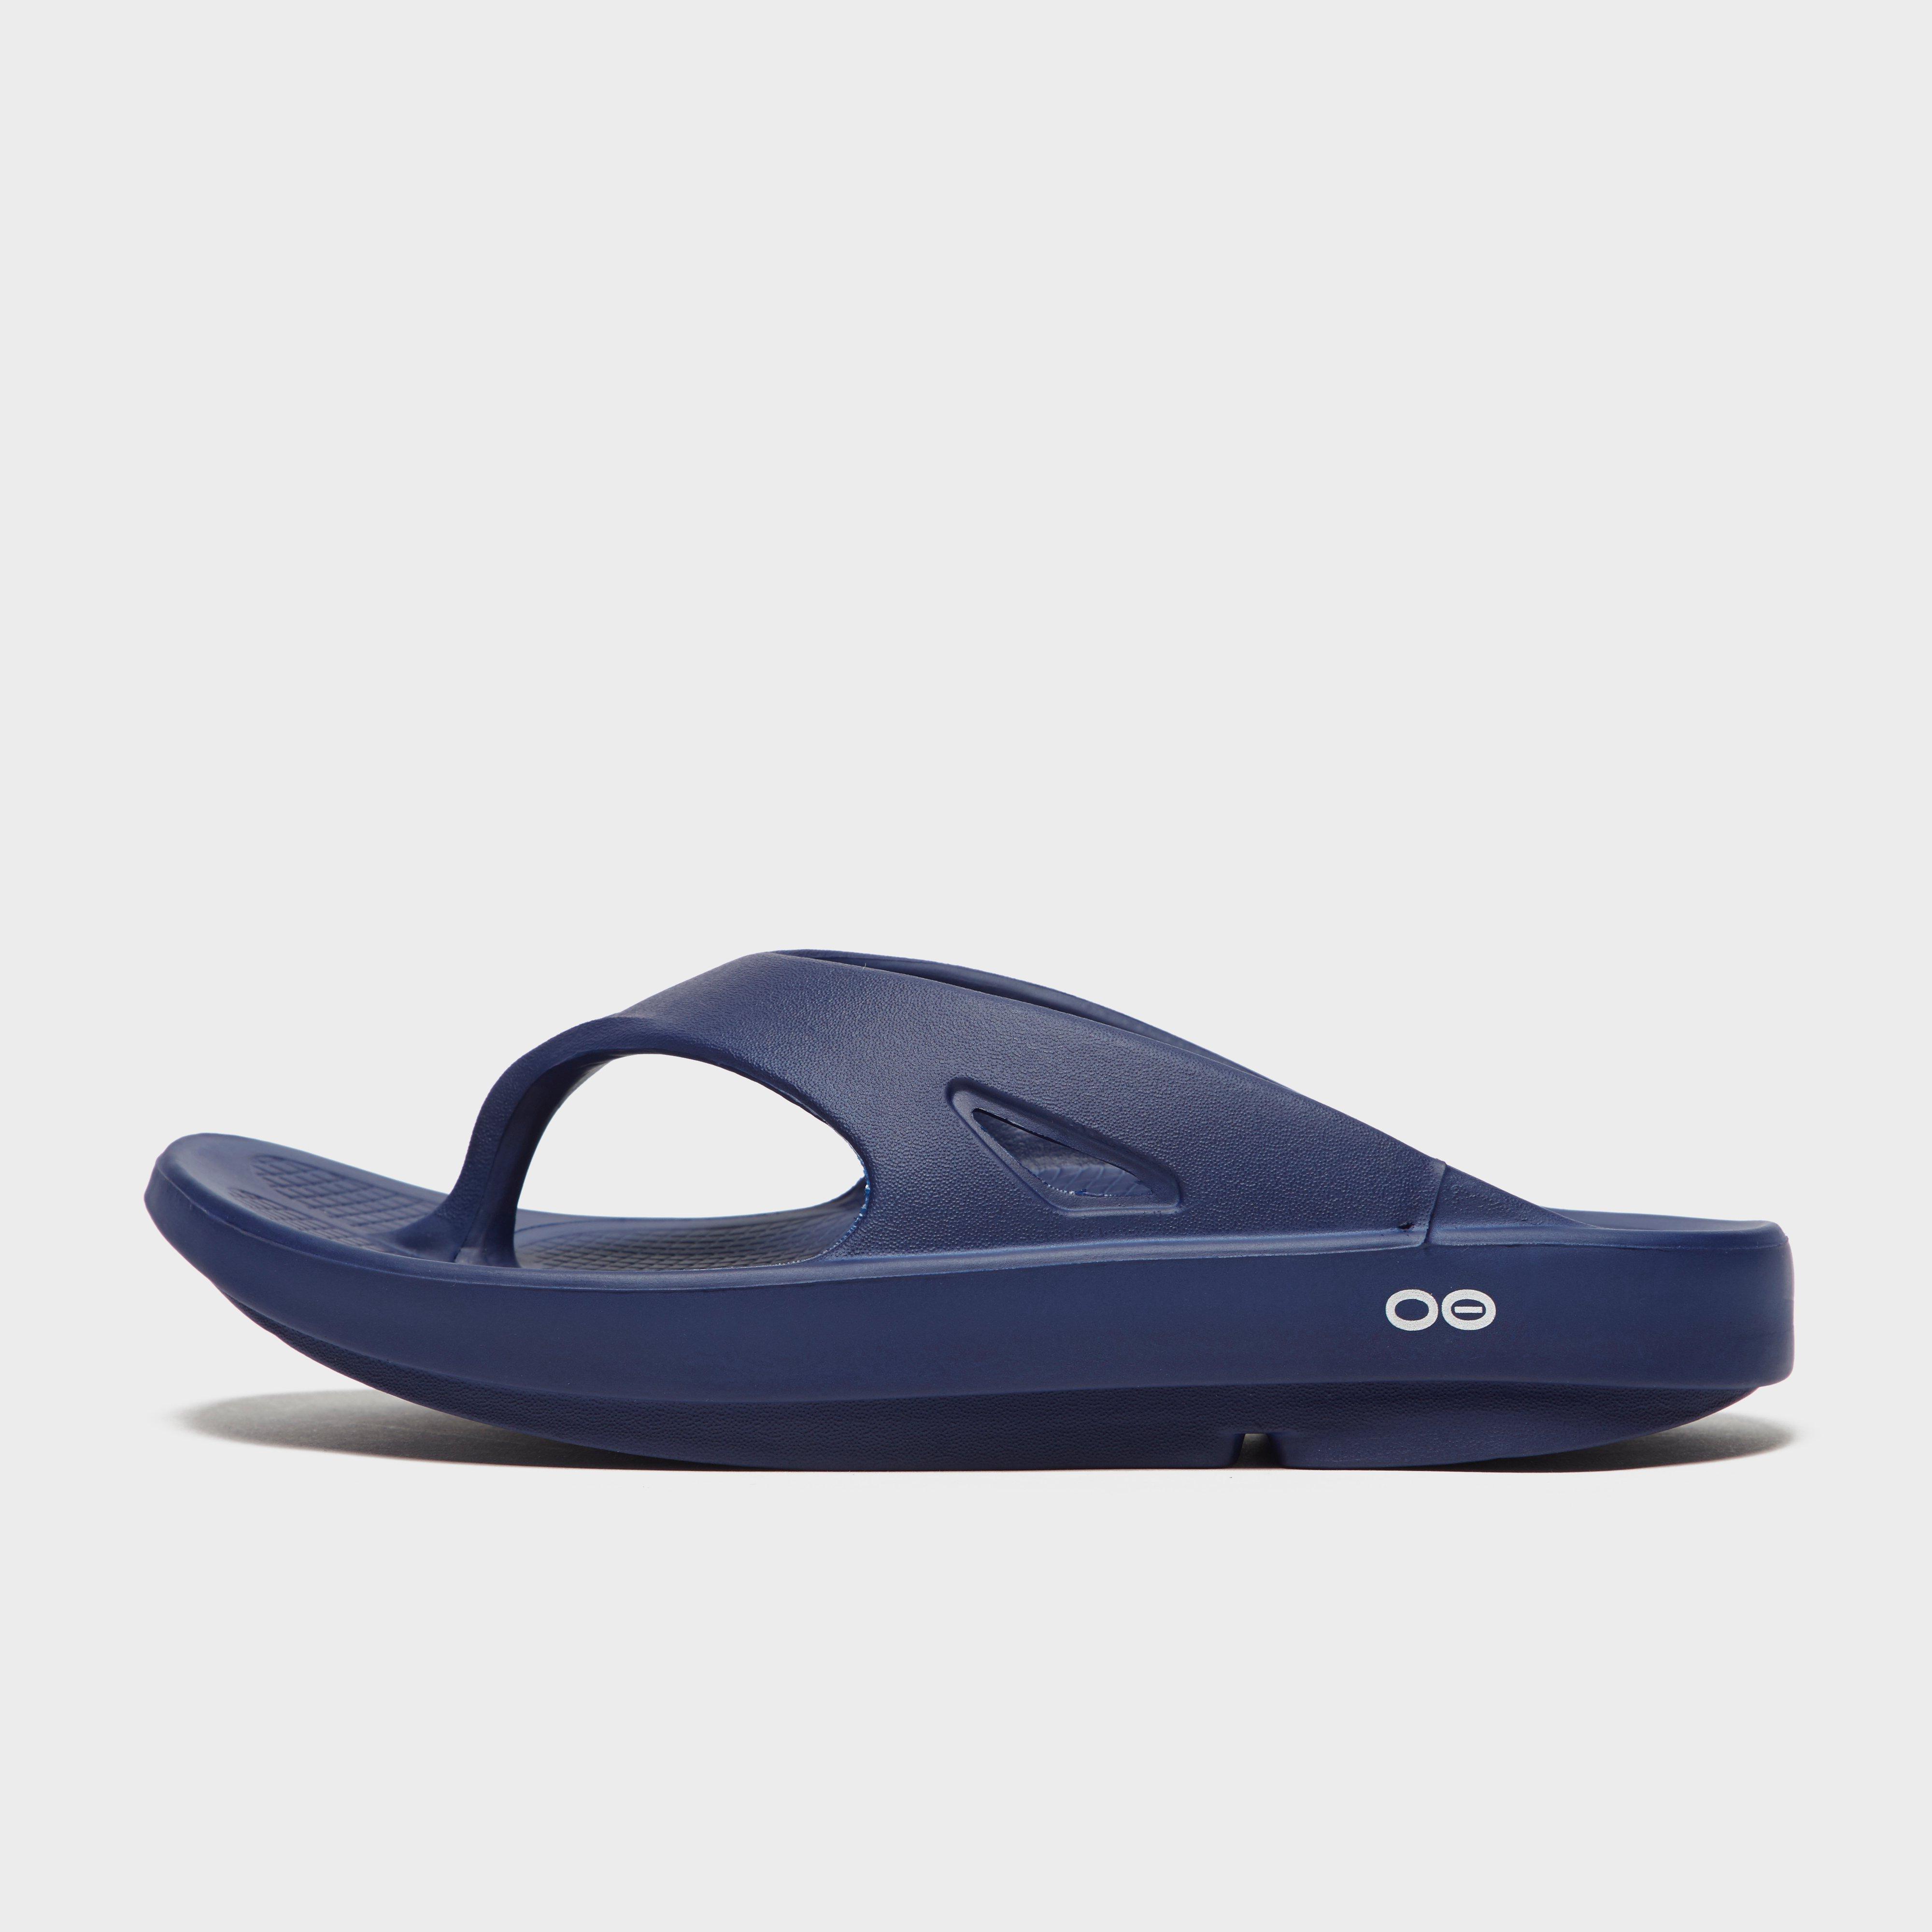 Oofos Oofos Mens OOriginal Flip Flop Sandals - Navy, Navy